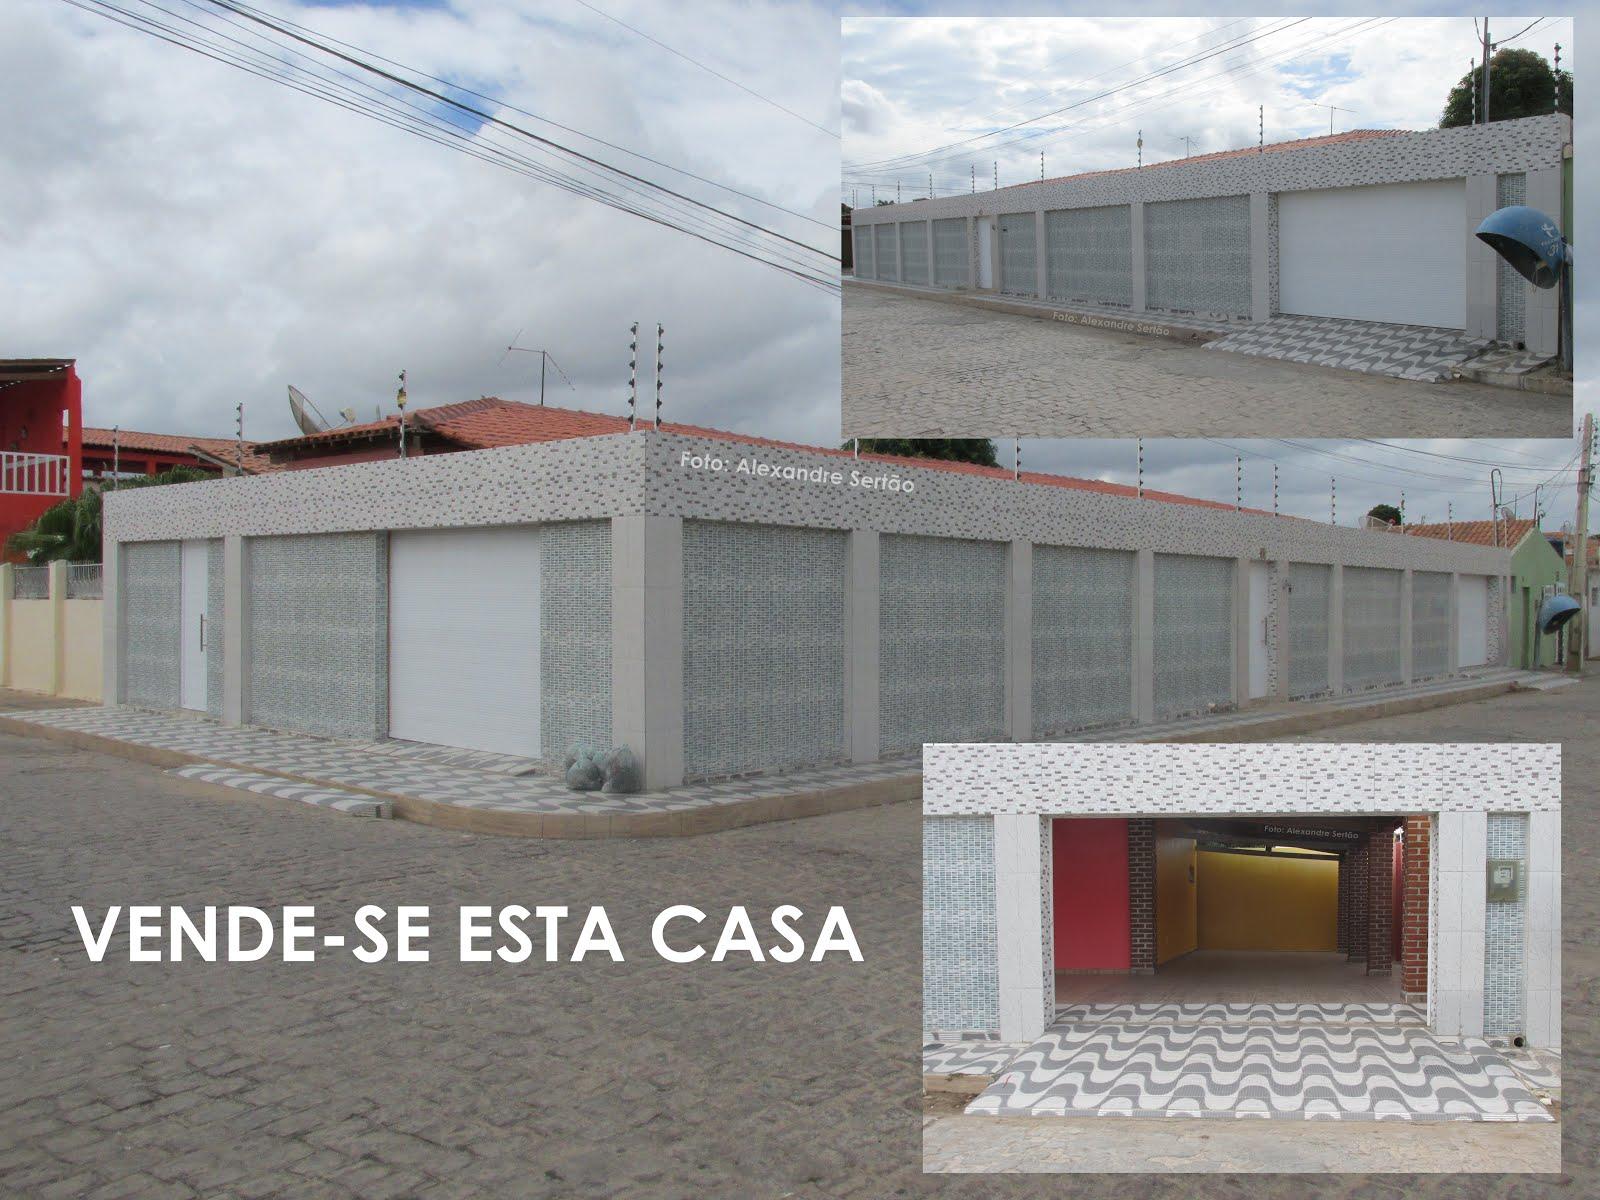 VENDE-SE UMA CASA COM 280 METROS QUADRADOS DE ÁREA COBERTA- Click e veja detalhes e valor